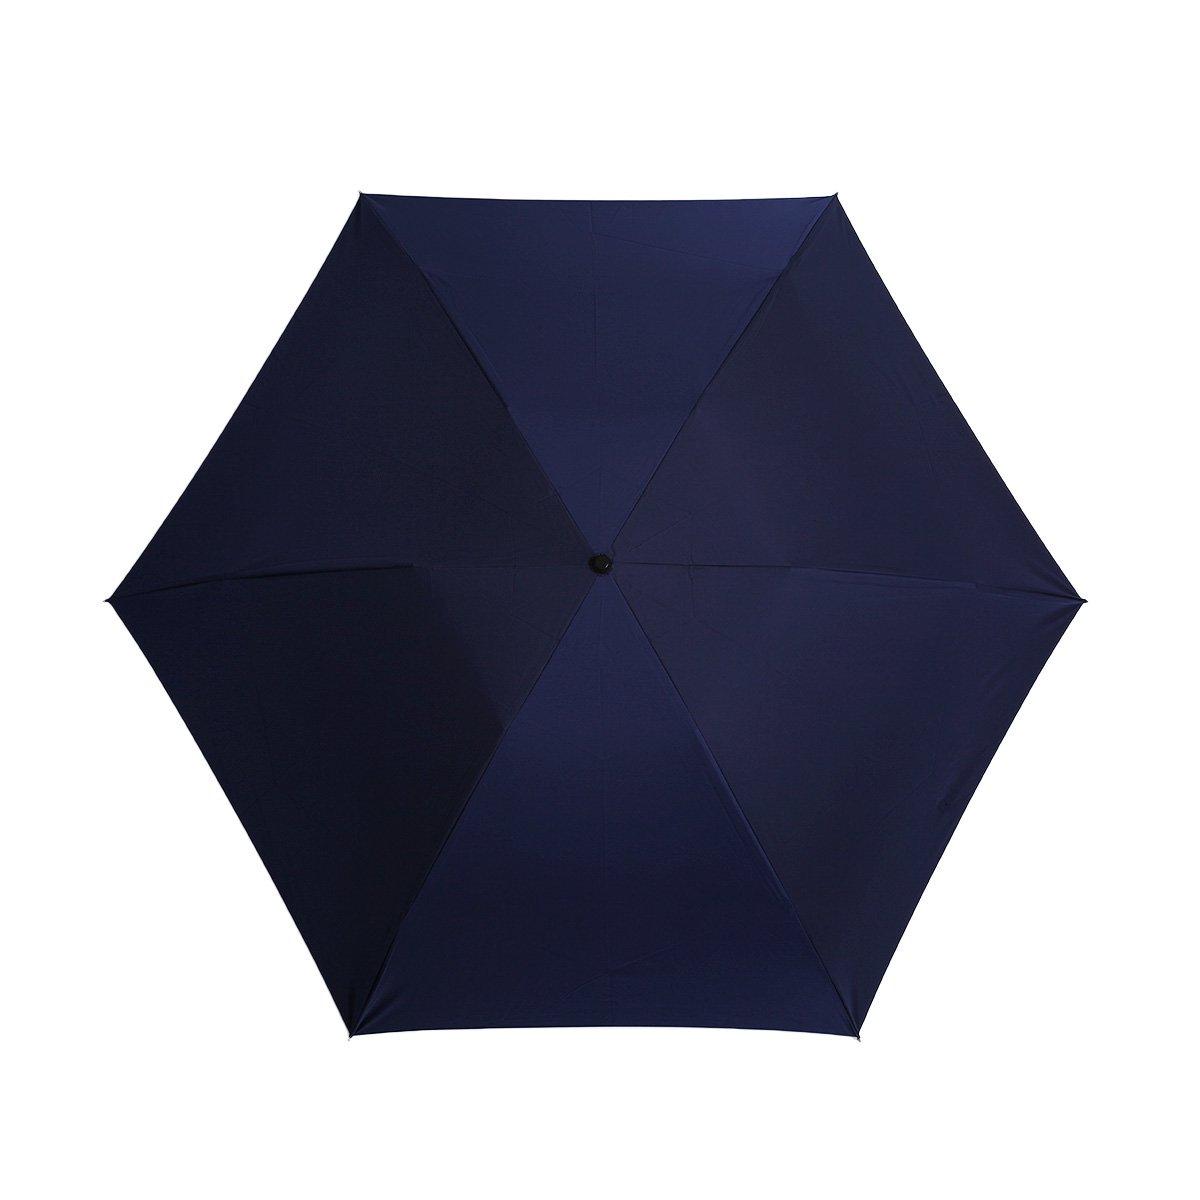 強力撥水 レインドロップ レクタス 折りたたみ傘 詳細画像8